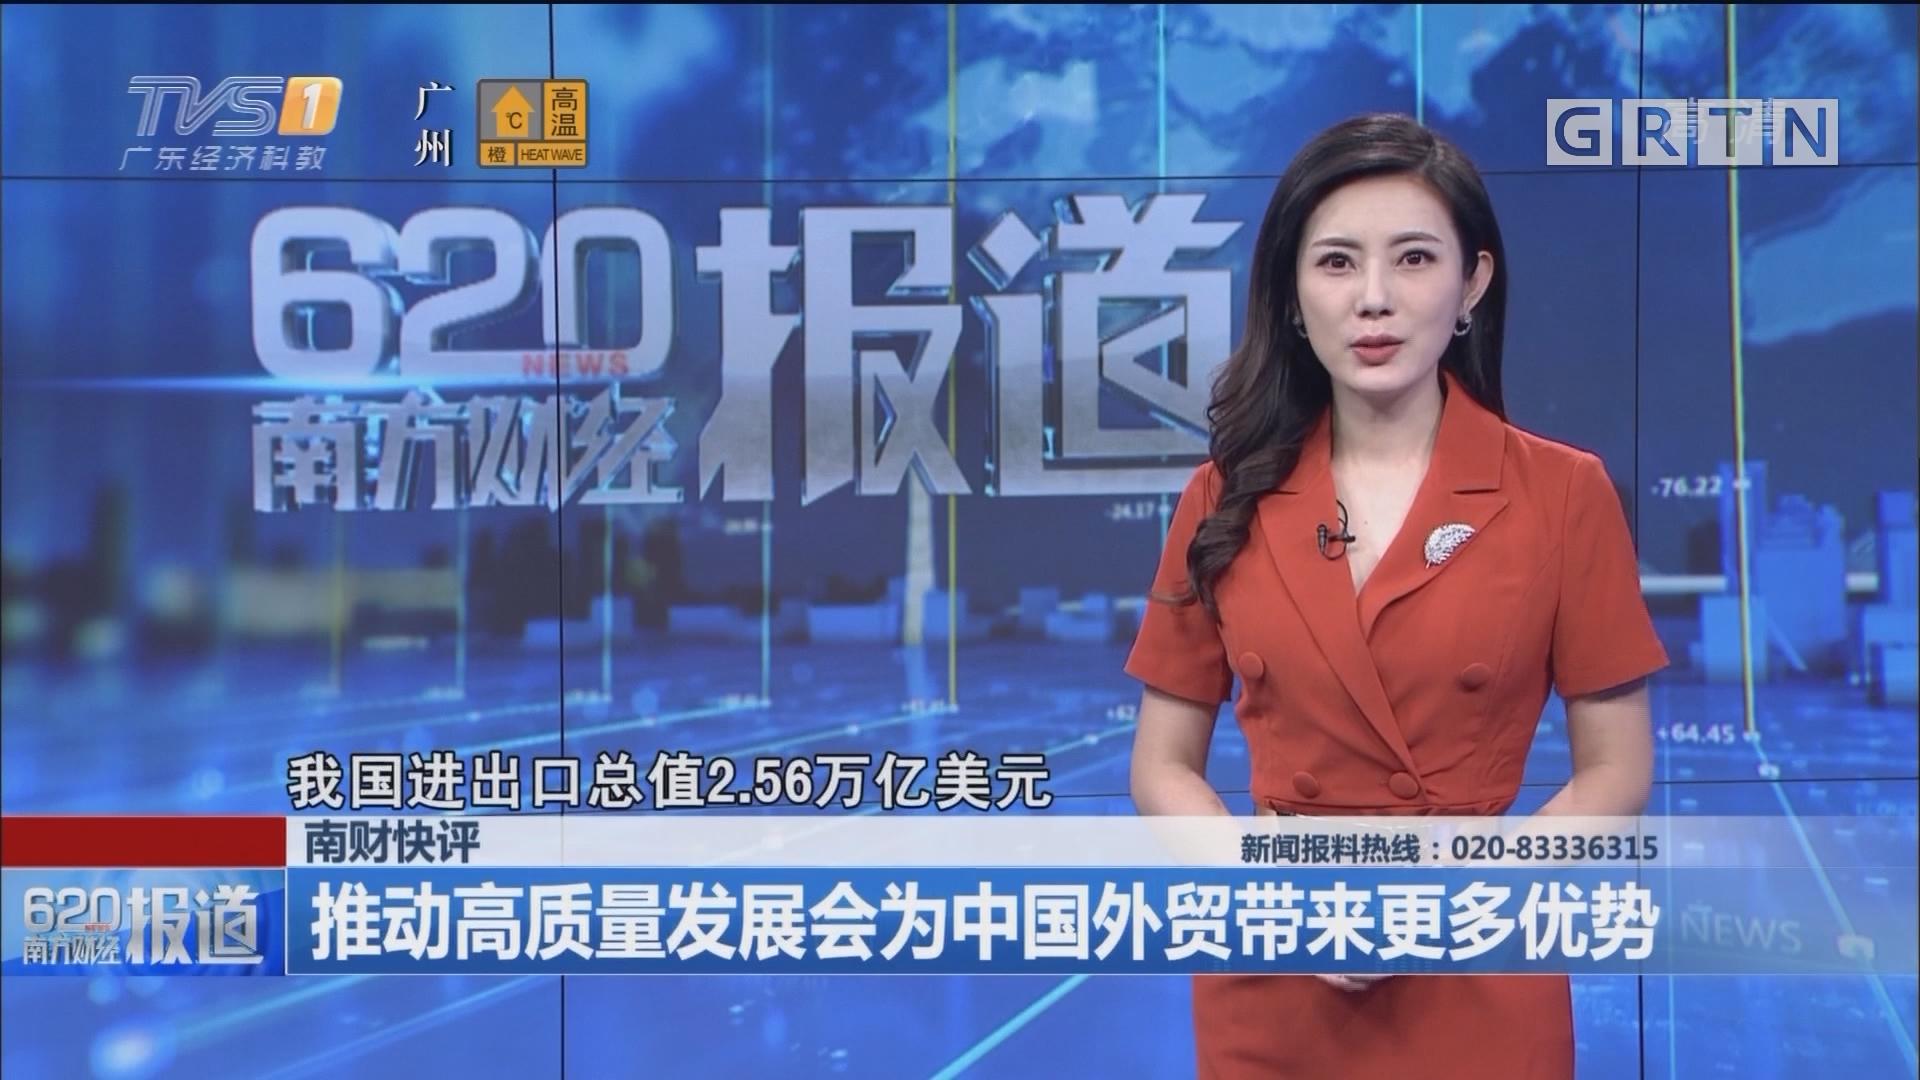 南财快评:推动高质量发展会为中国外贸带来更多优势